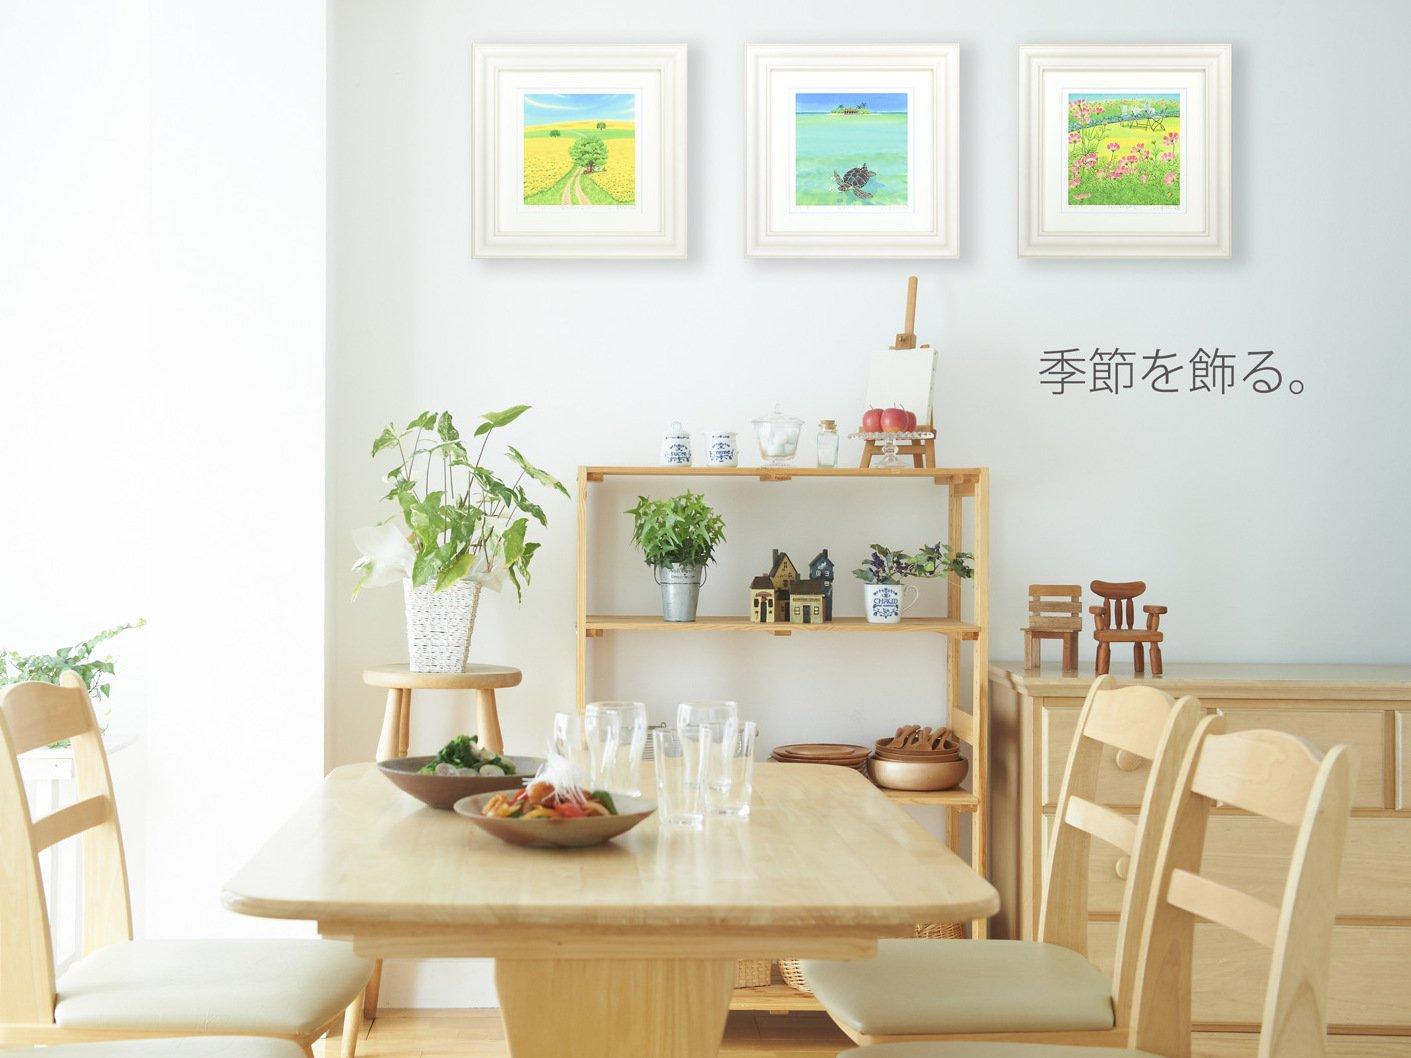 《絵画 水彩画》garden〔栗乃木ハルミ くりのきはるみ 〕